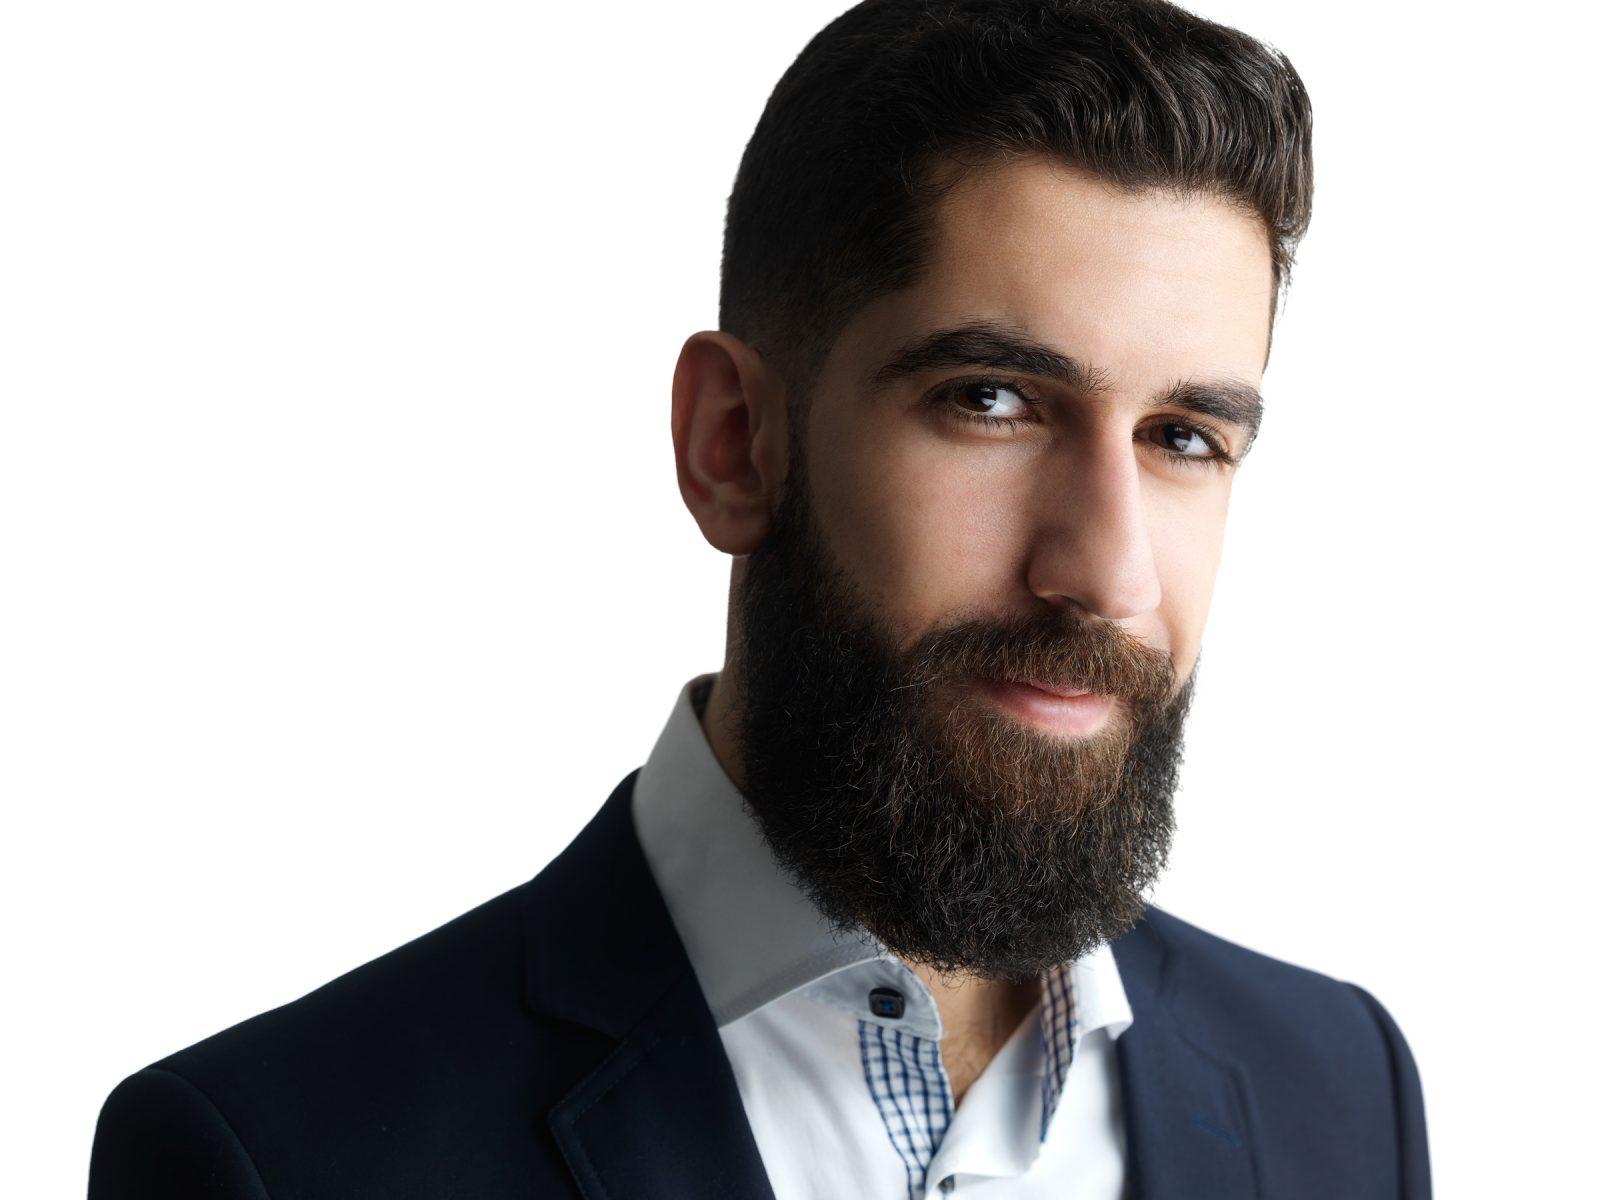 Profile headshot photographer, actor headshot, linkedin profile photography, headshot for social media